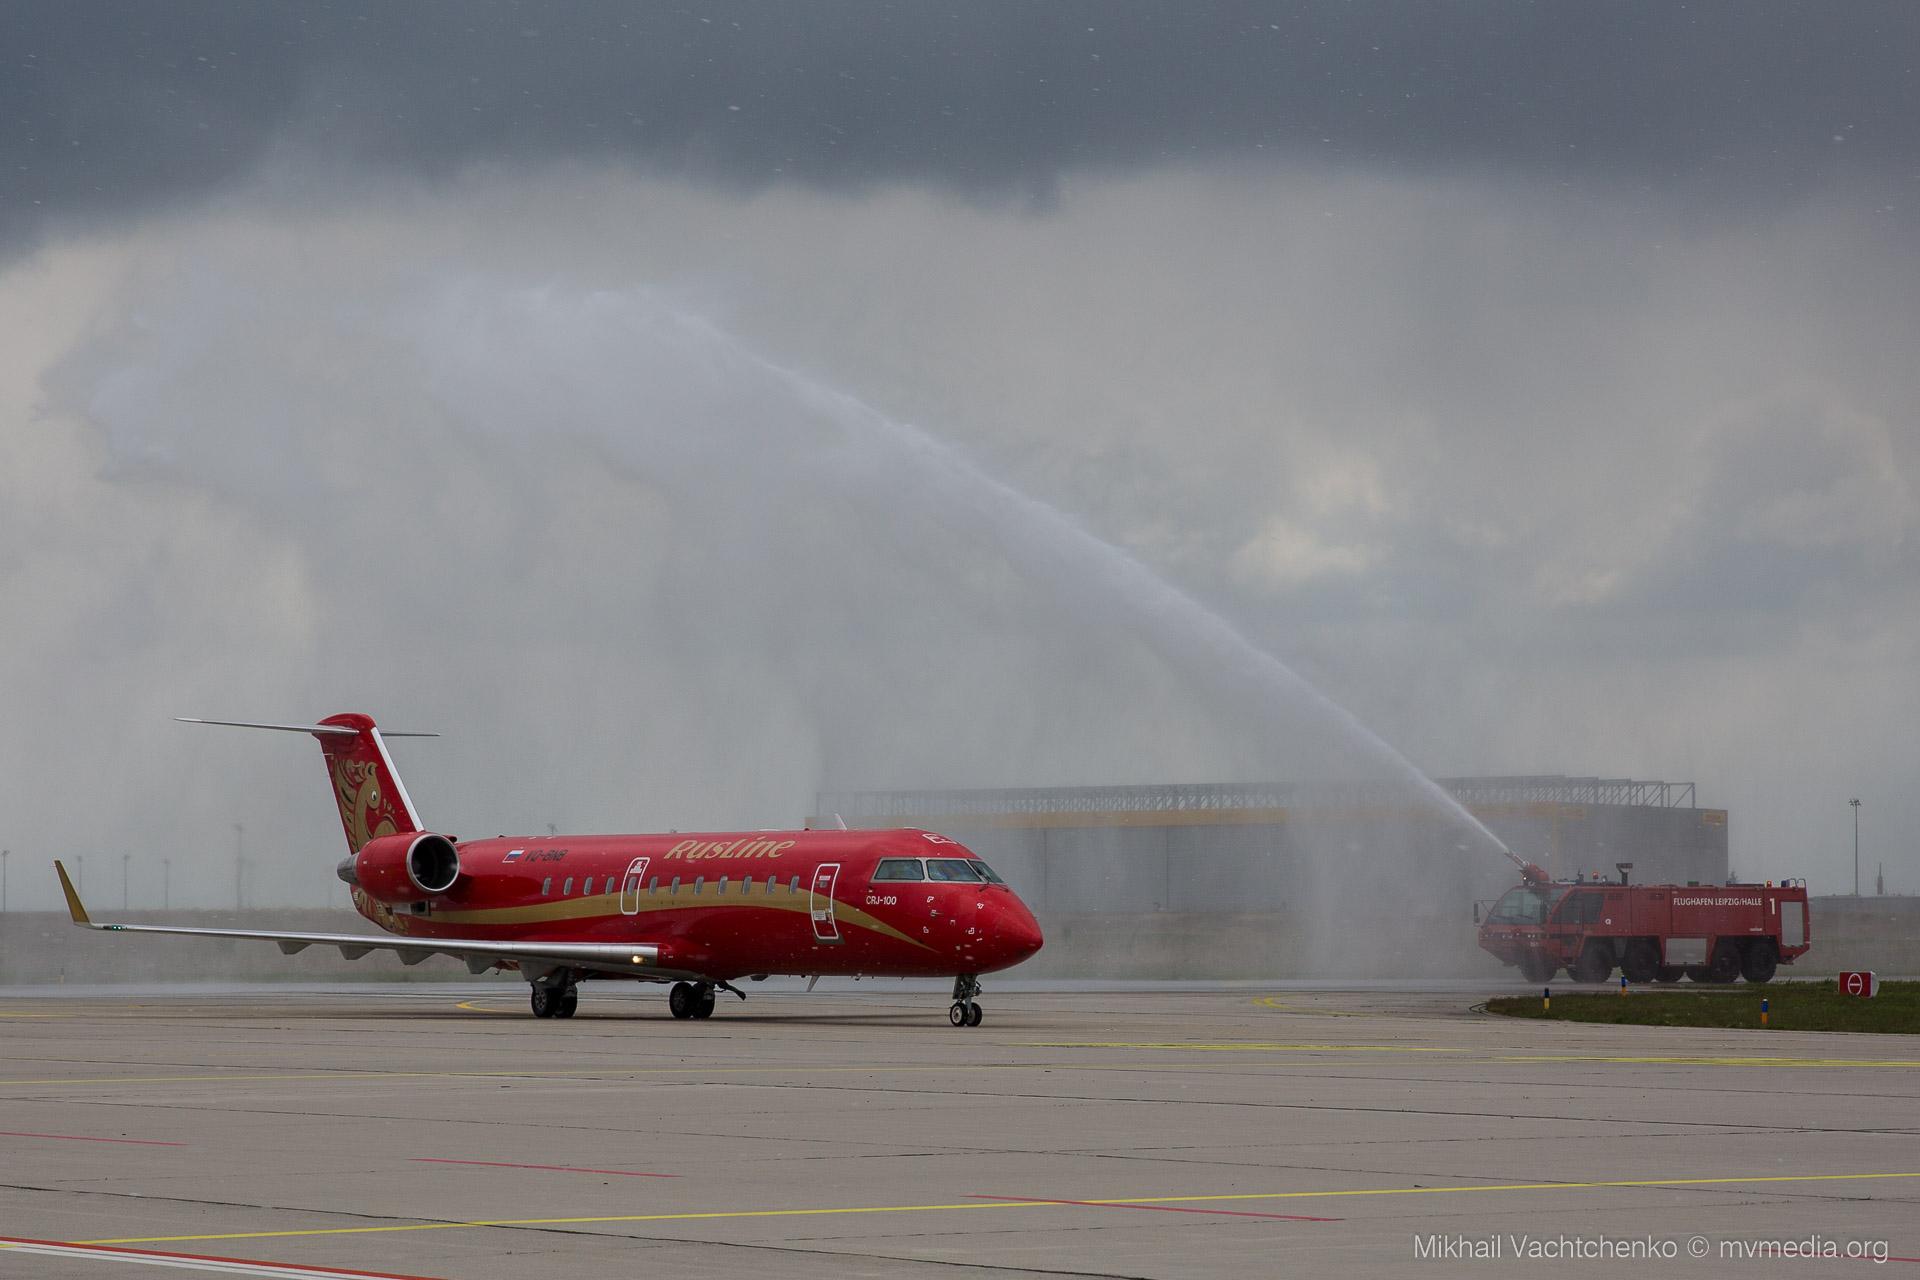 Rusline Bombardier CRJ-100 - Begrüßungsdusche